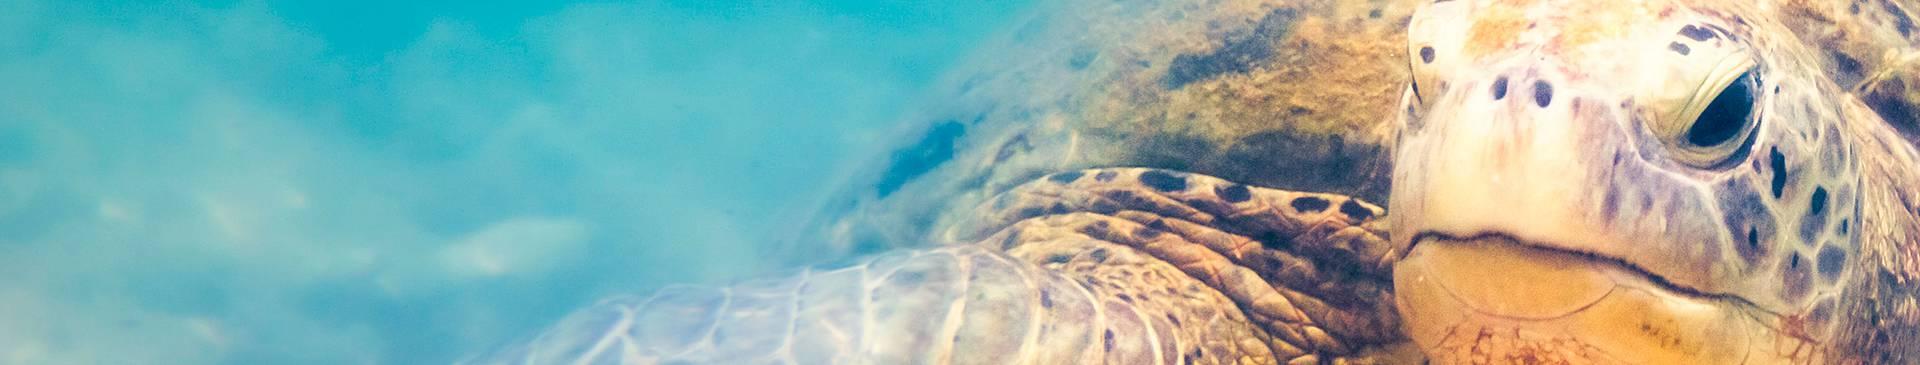 Plongée & Snorkeling au Sri Lanka